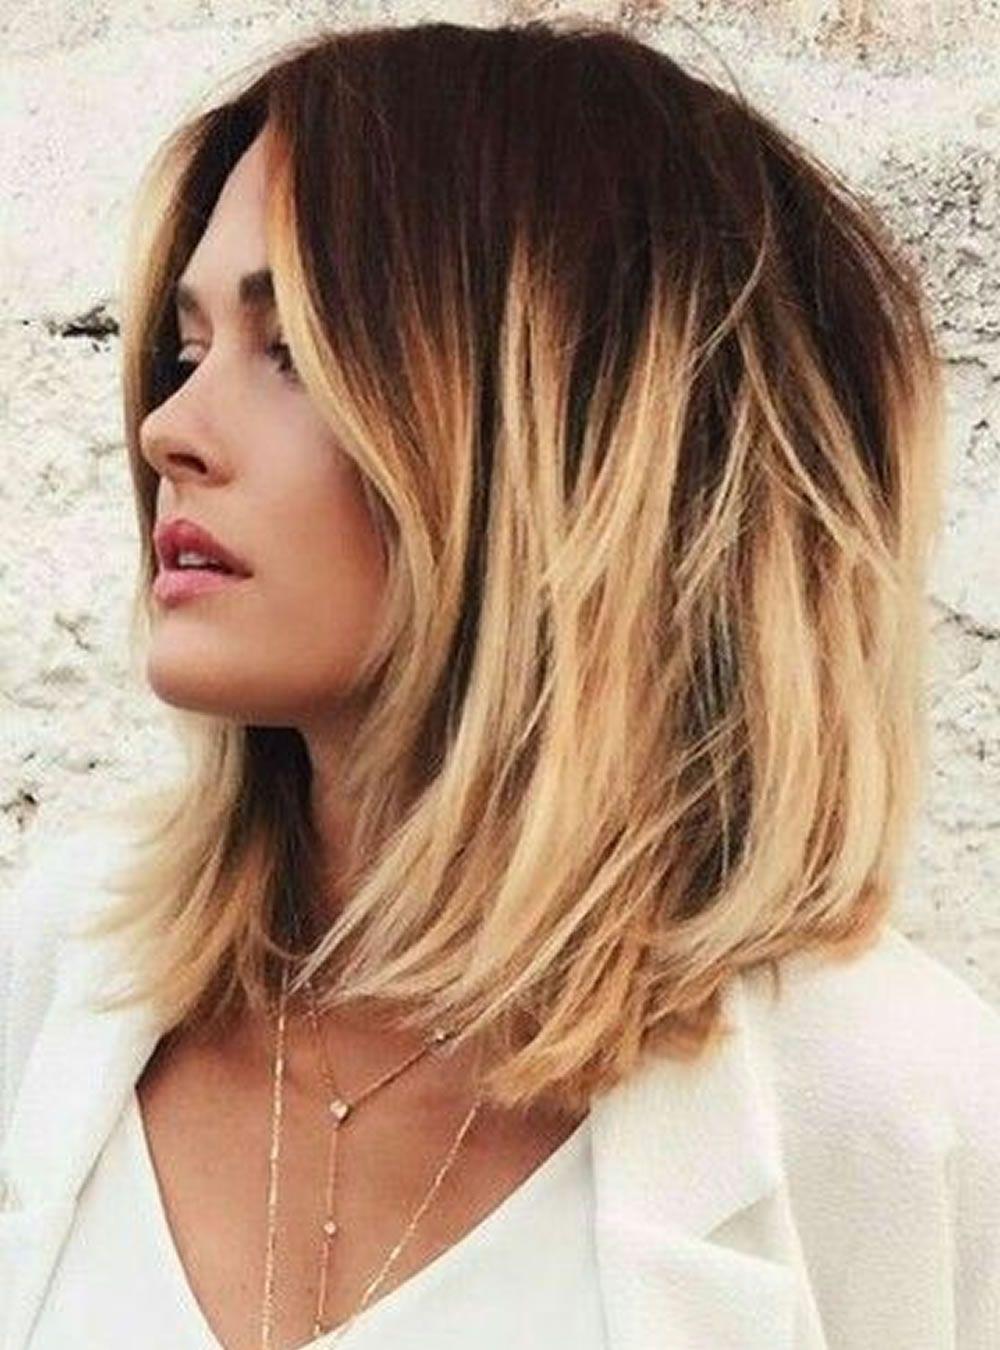 Kurze Ombre Frisuren Fur Kurze Haare Inspirierende Ombre Kurze Frisuren Trend Haarfarben Kurzhaarschnitt F Really Short Hair Thick Hair Styles Short Ombre Hair